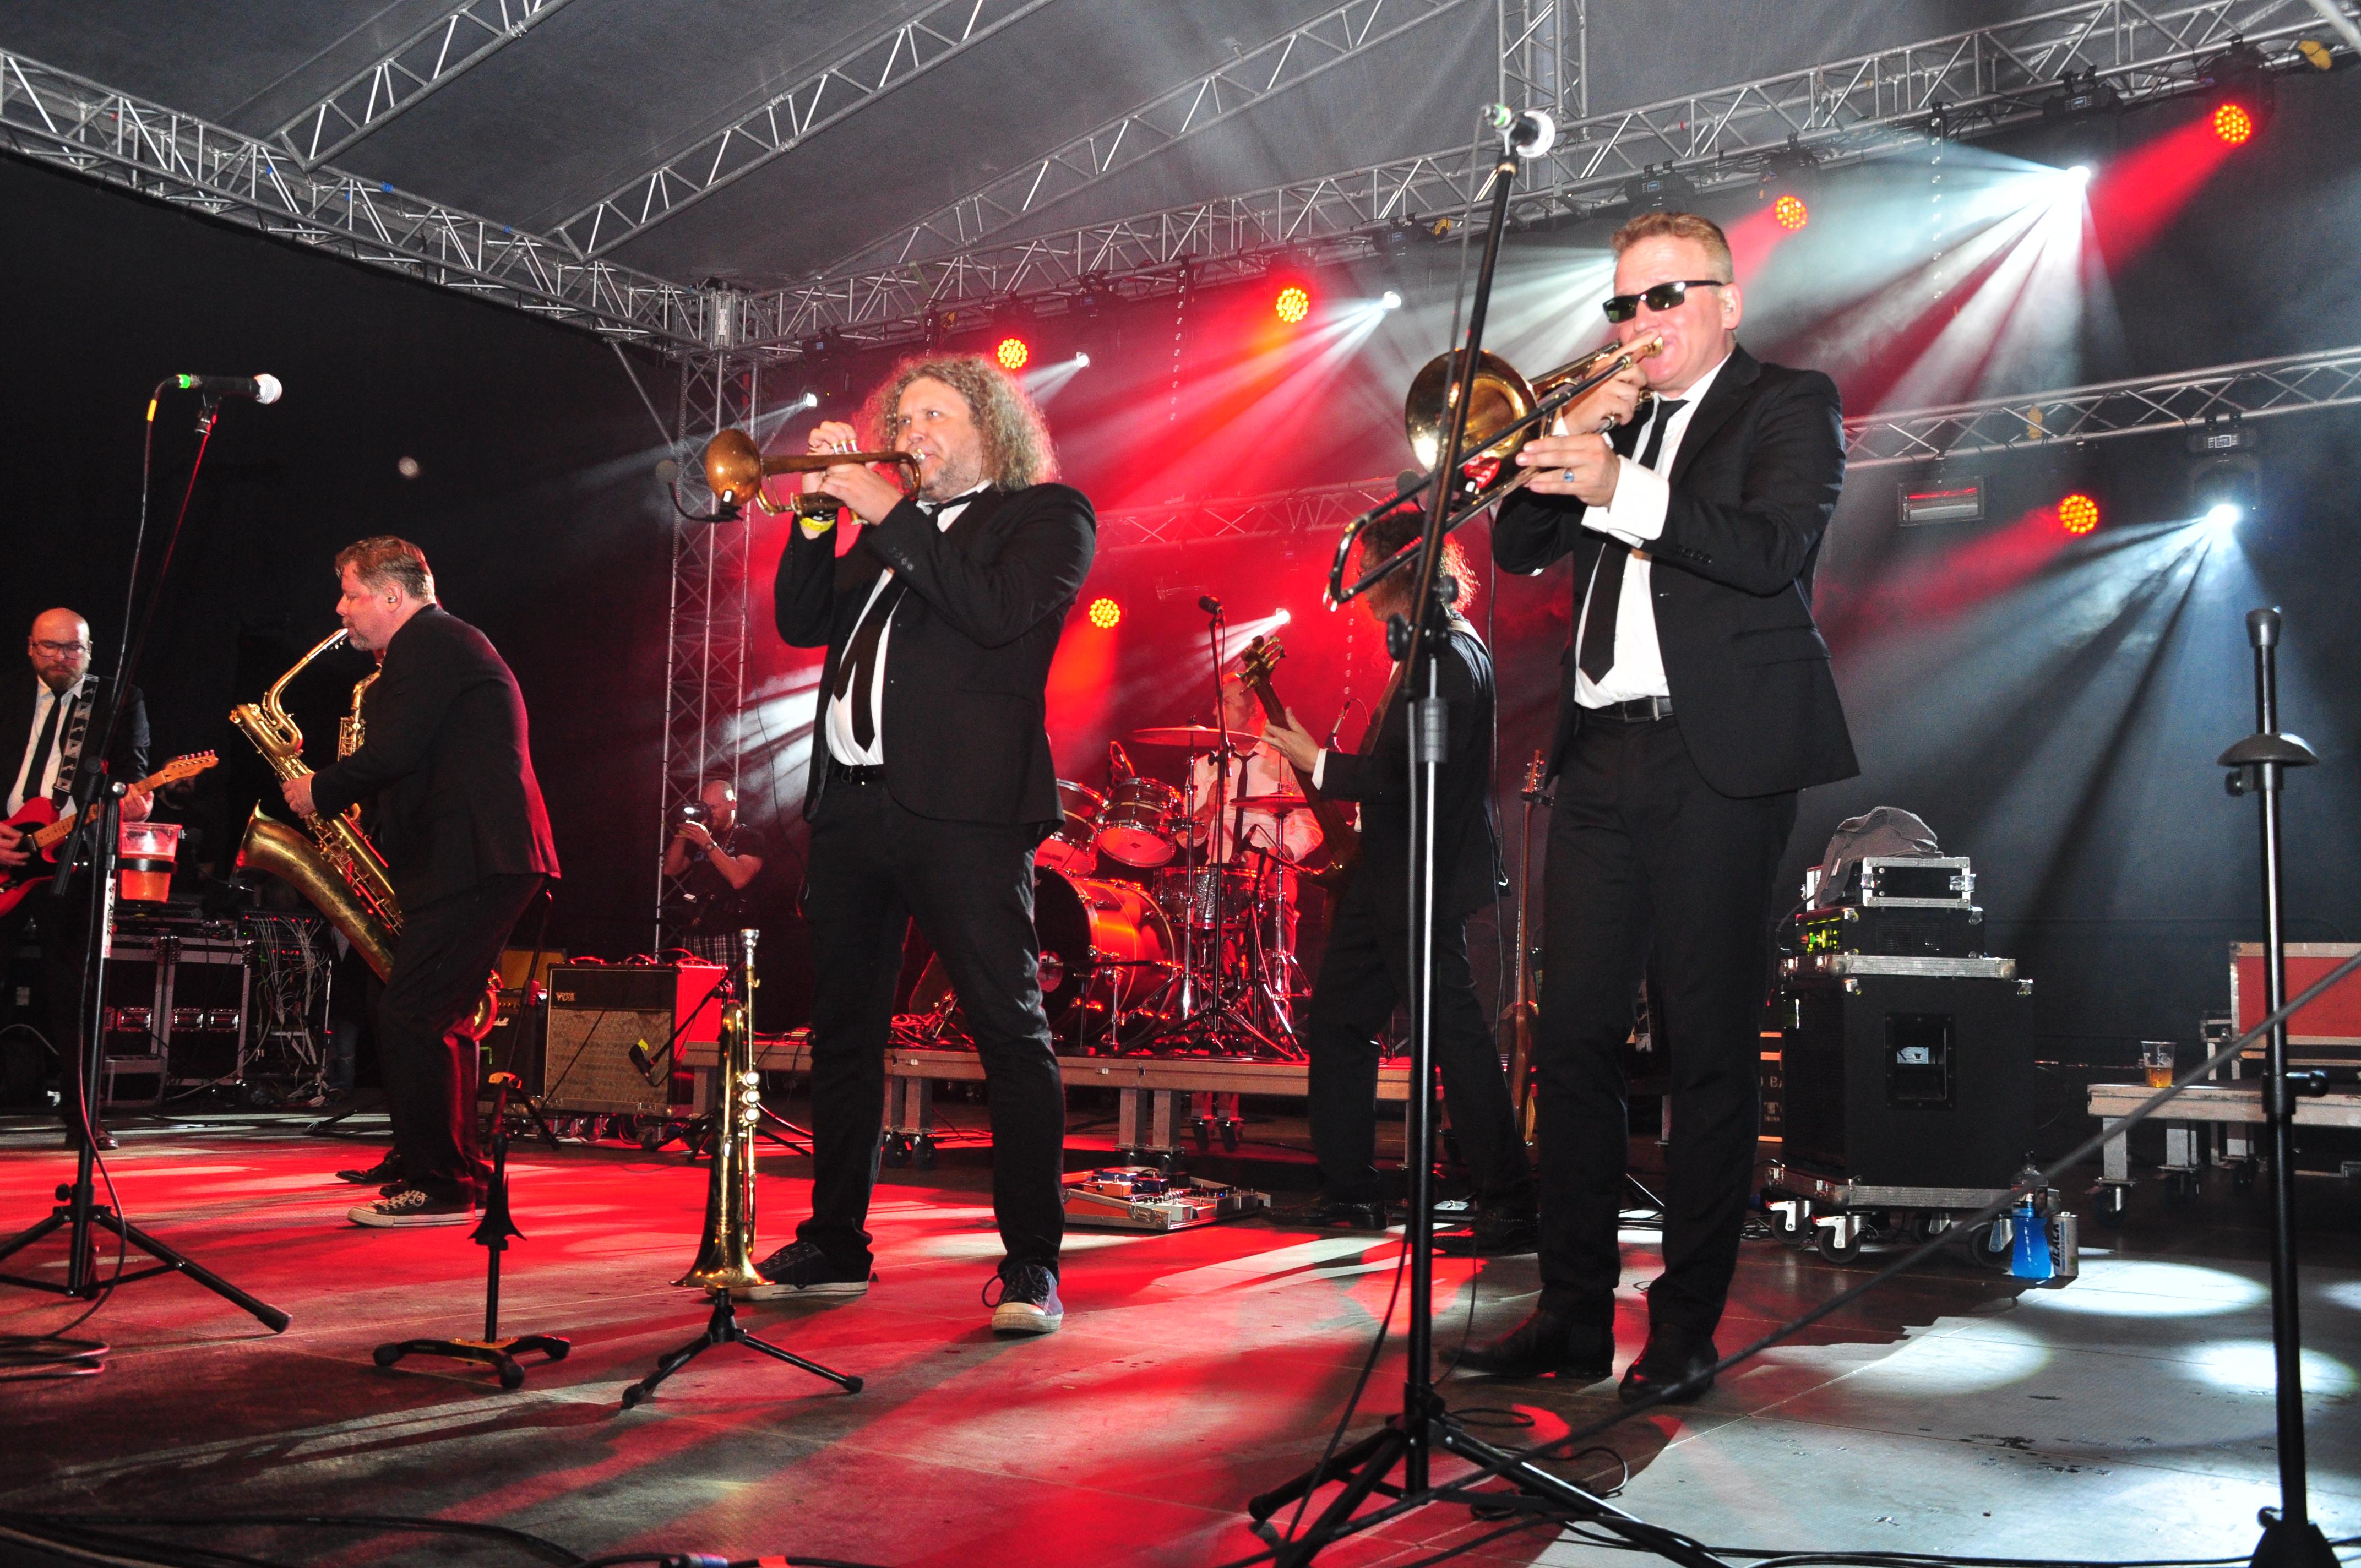 Festiwal Spinacz 2018  na stadionie w Kolbuszowej, zobacz zdjęcia [GALERIA] - Zdjęcie główne